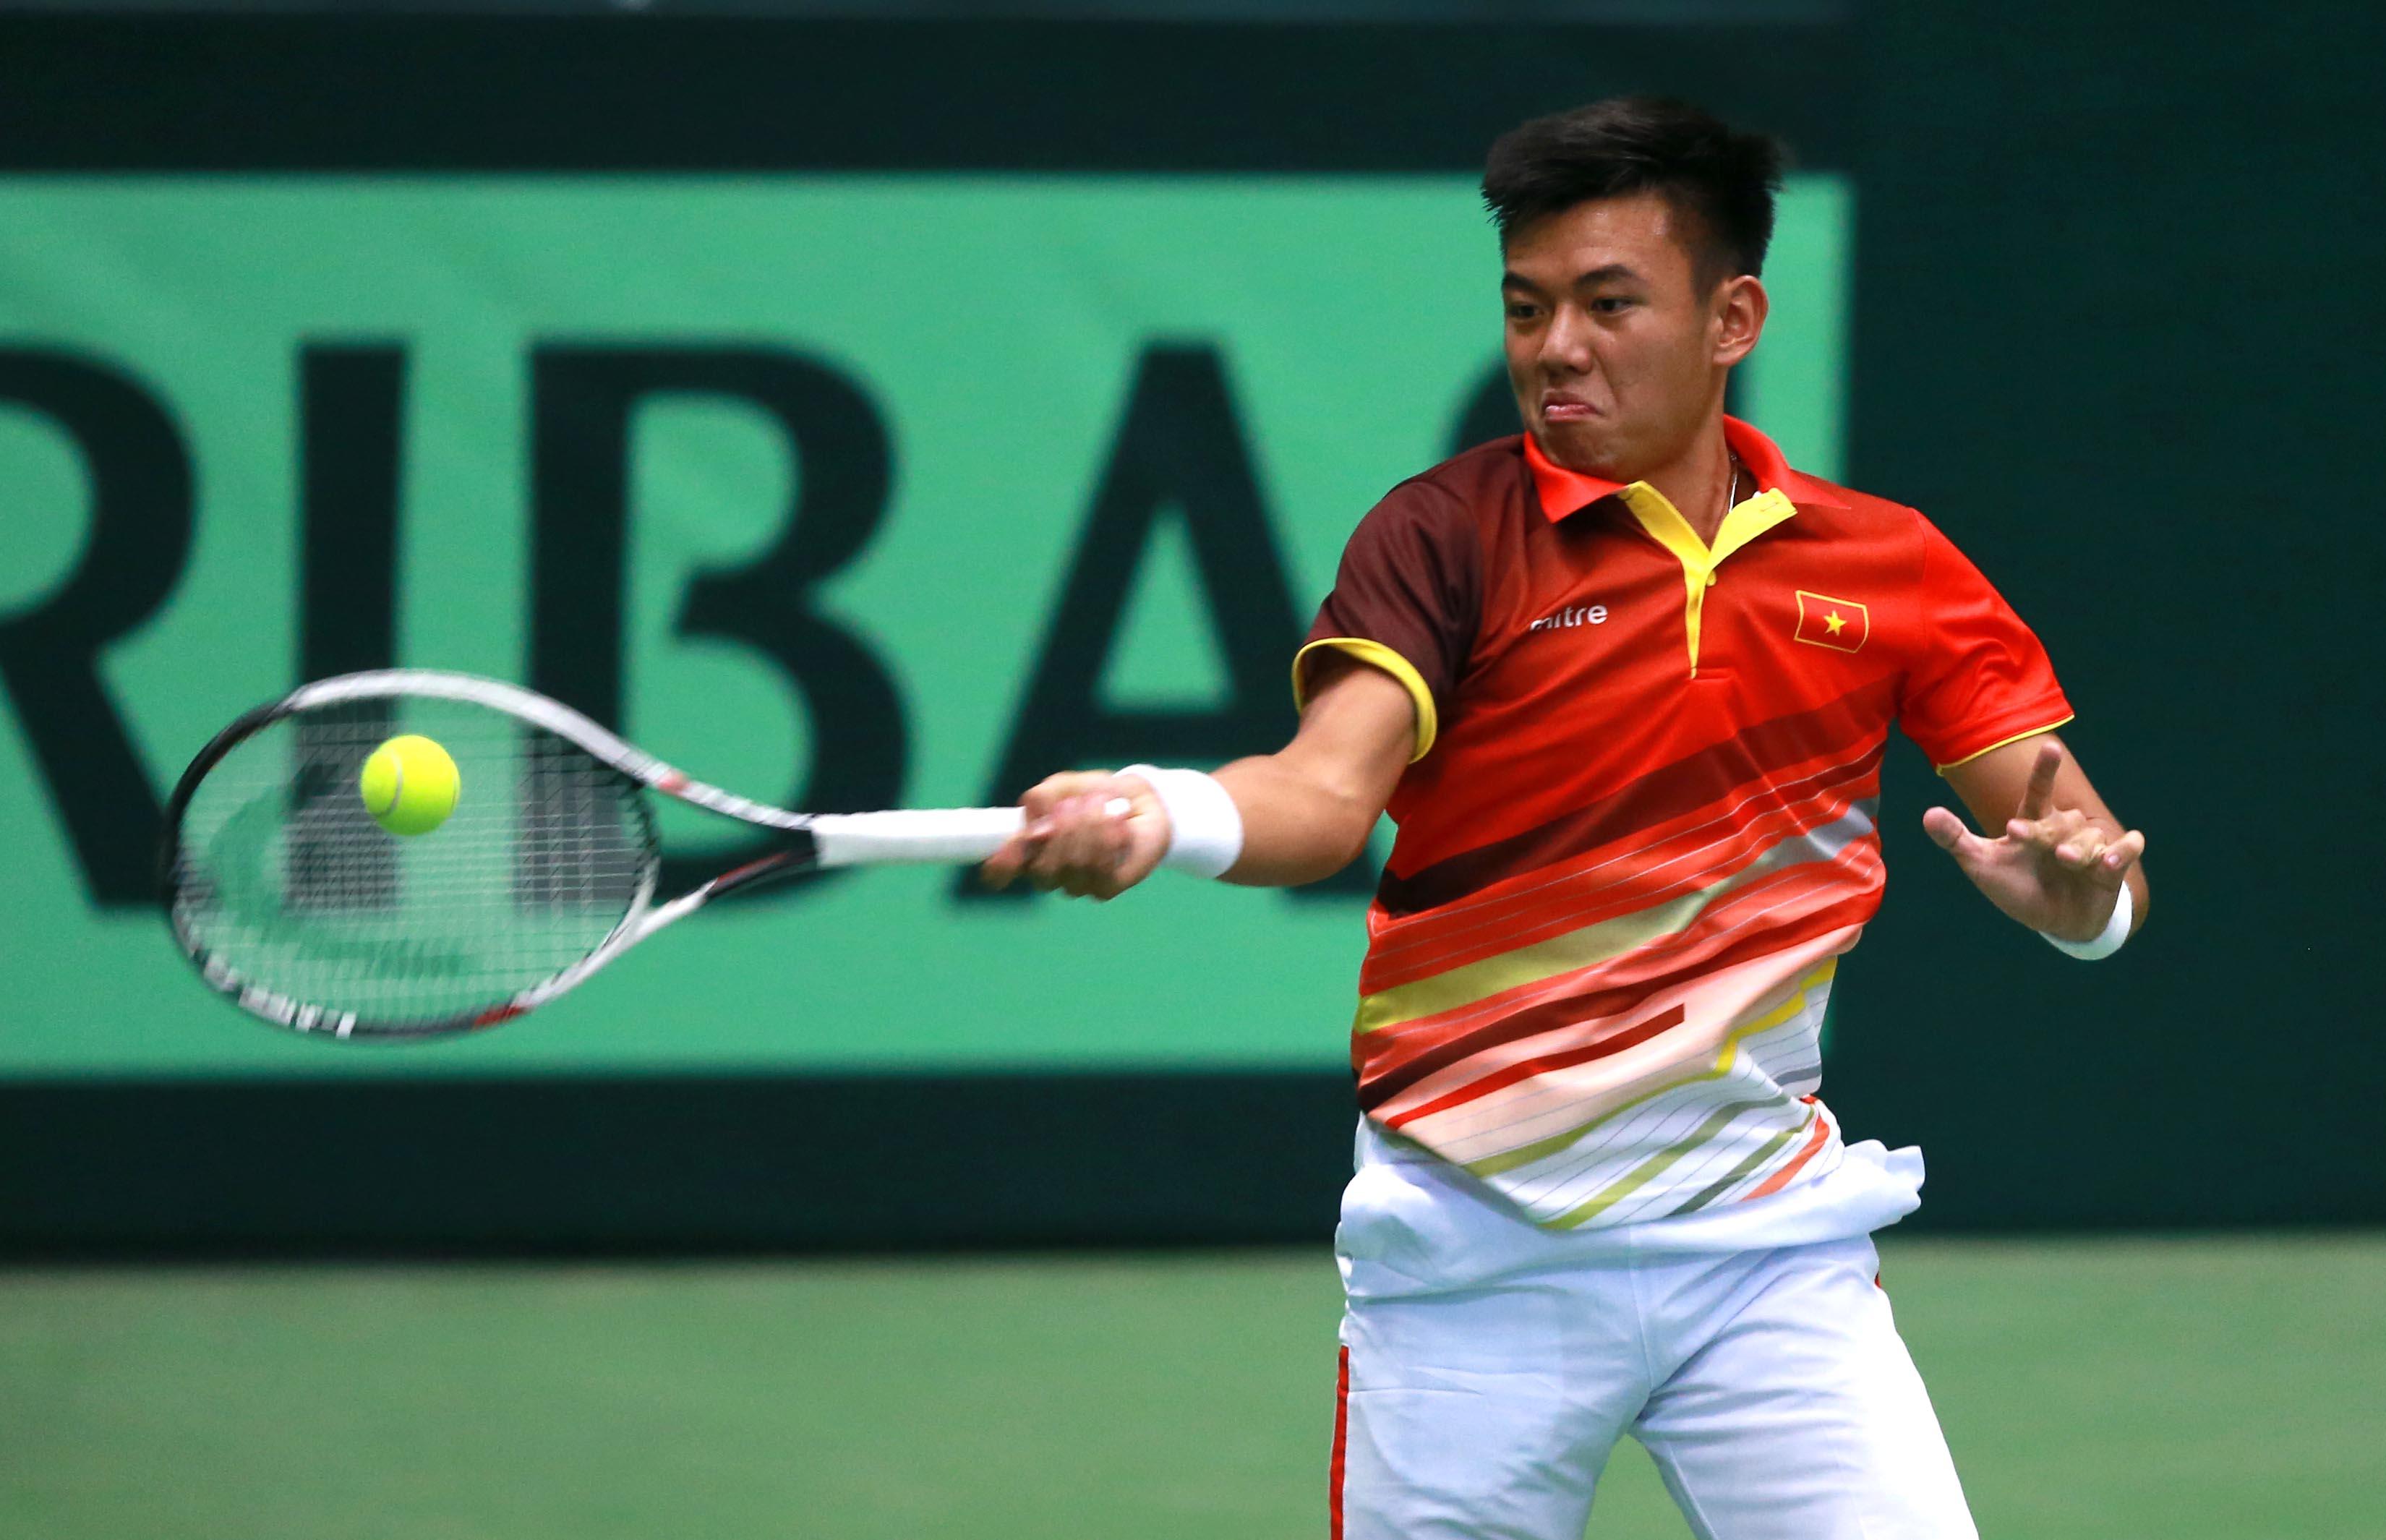 Lý Hoàng Nam vào vòng 2 giải tennis Savannah Challenger 2019